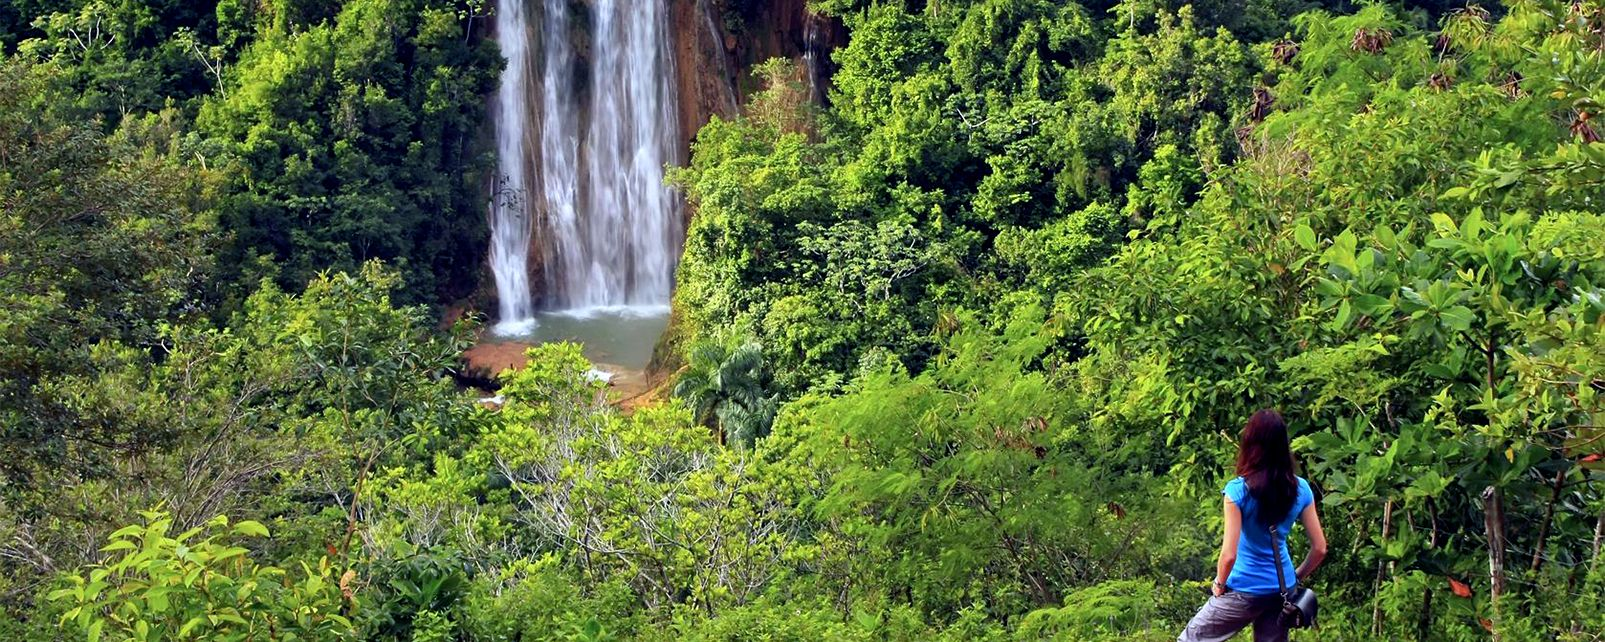 La cascata di El Limon, I paesaggi, Repubblica Dominicana